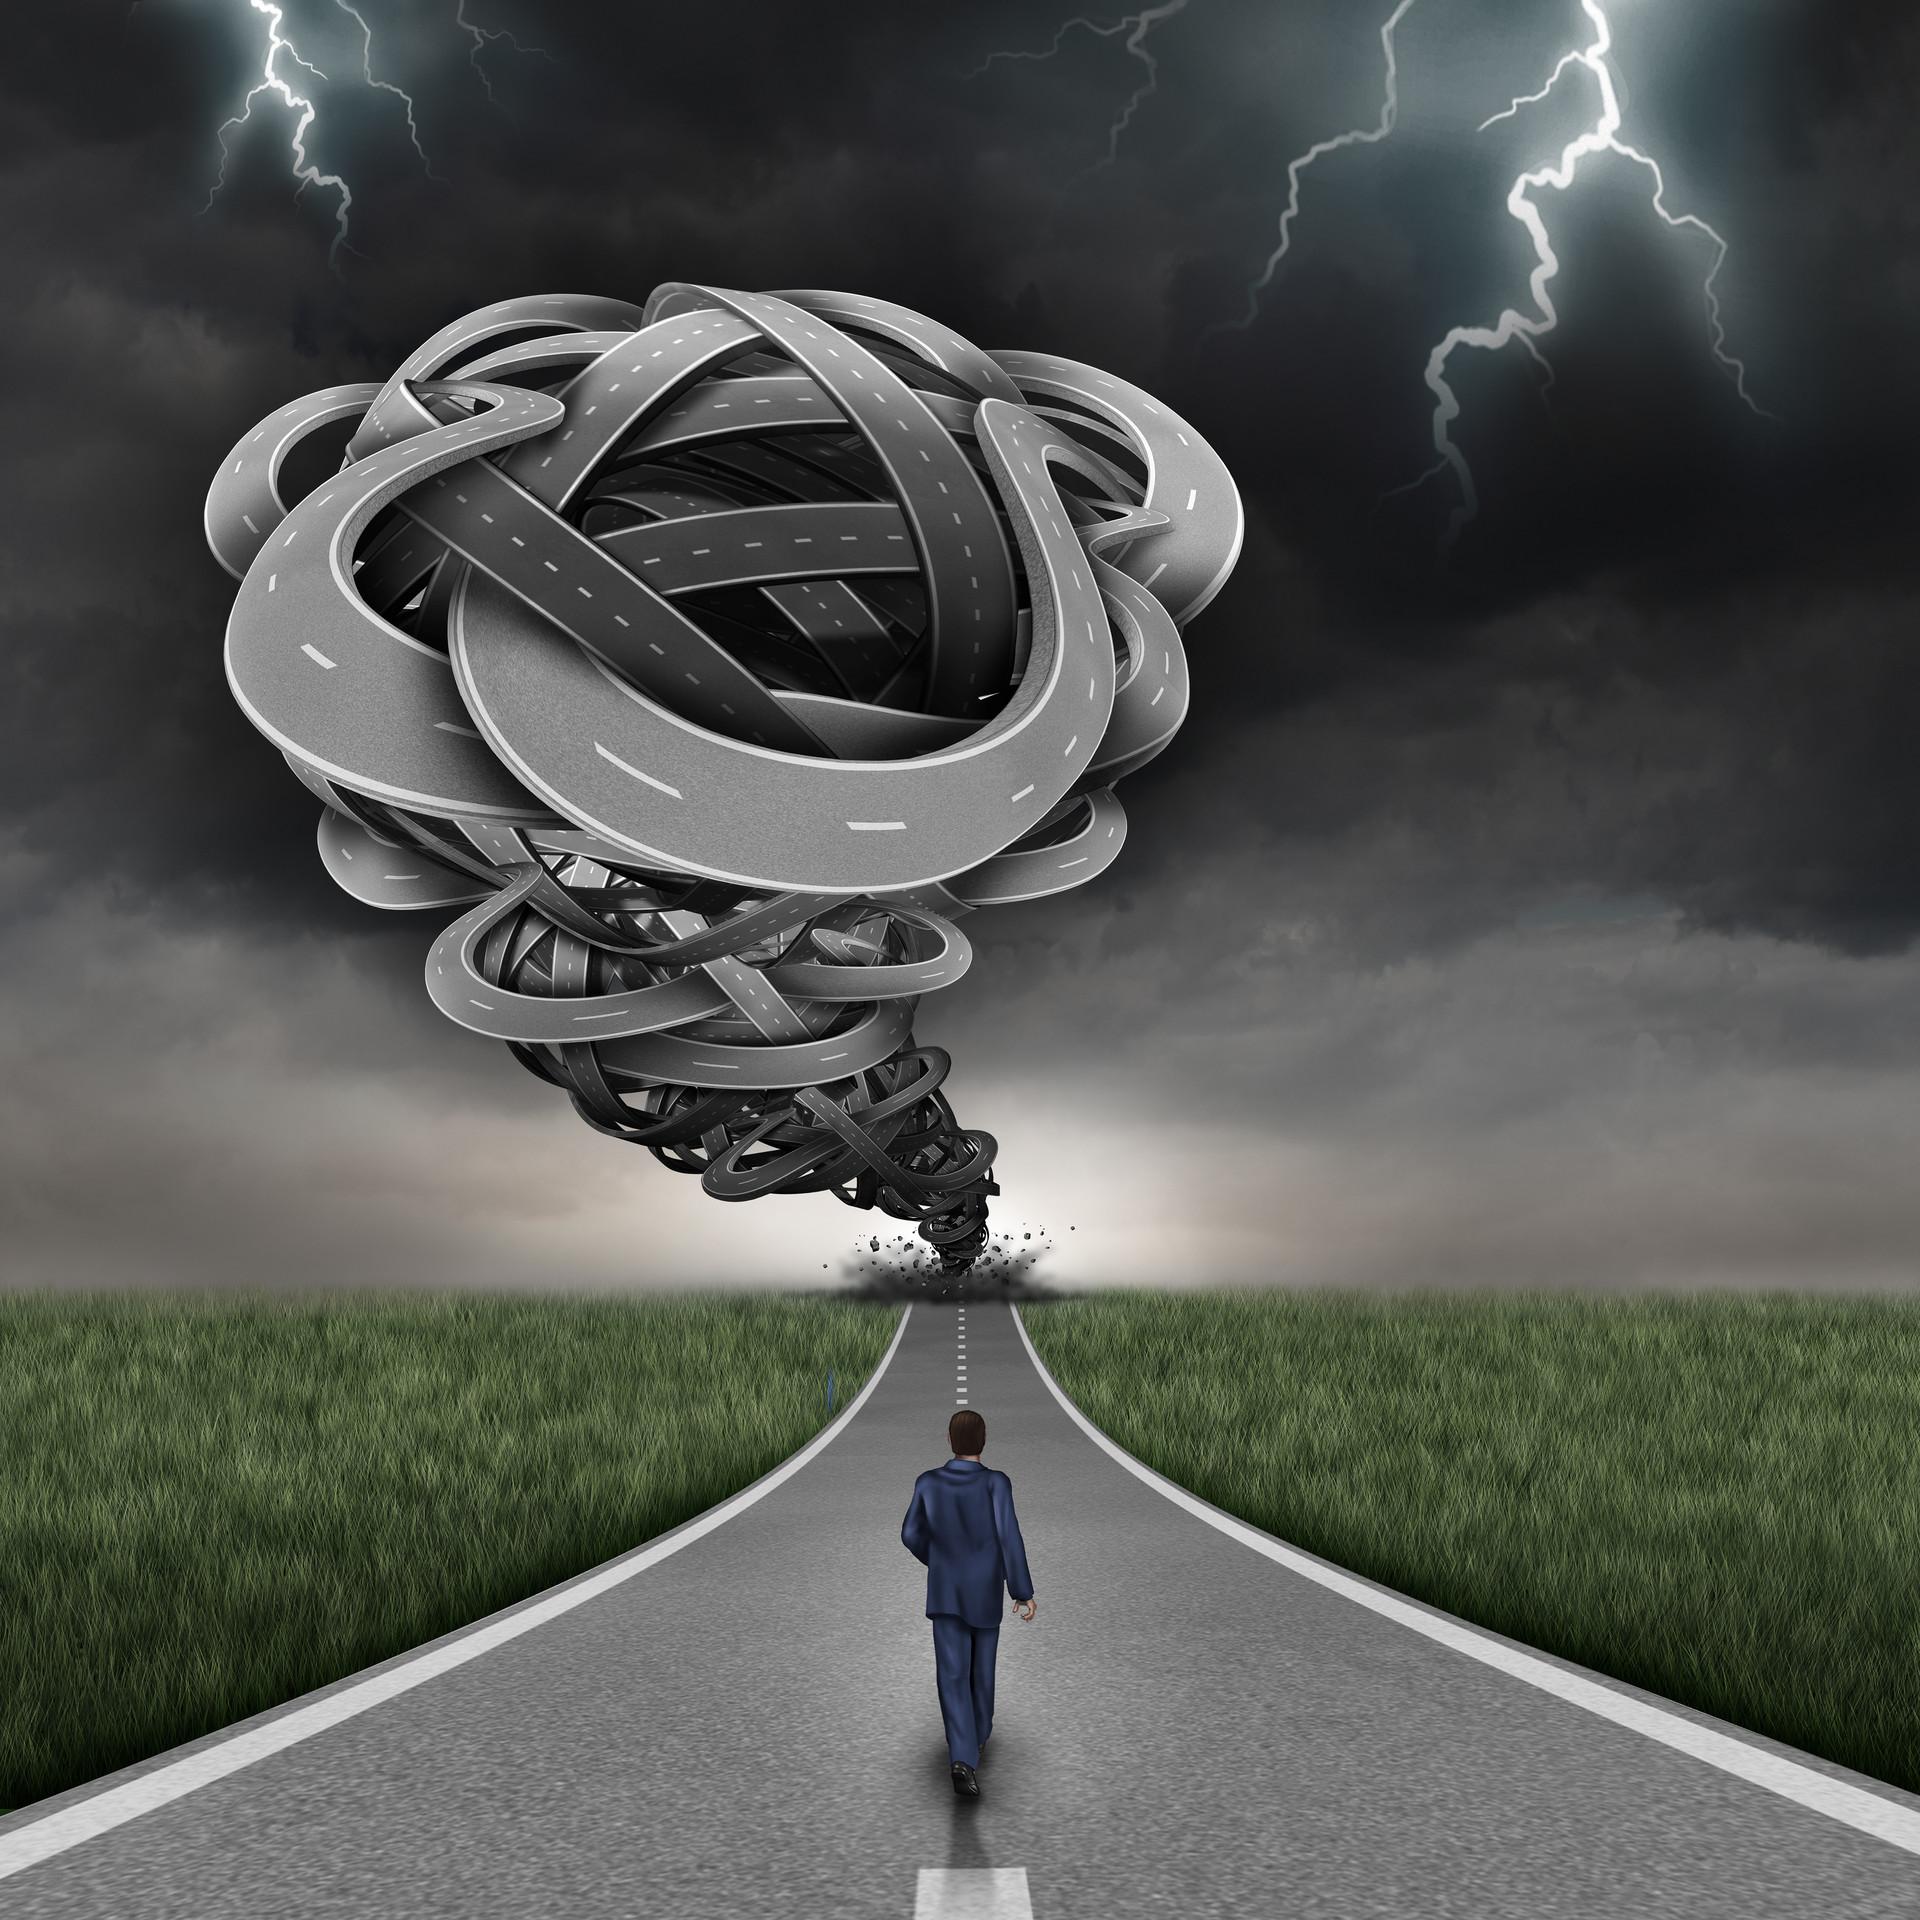 摄图网_300850078_banner_即将来的危险商业金融风险路径3D插图扭曲的道路,个危险的龙卷风,个大胆的商人走向风险,没惧,勇气(企业商用).jpg